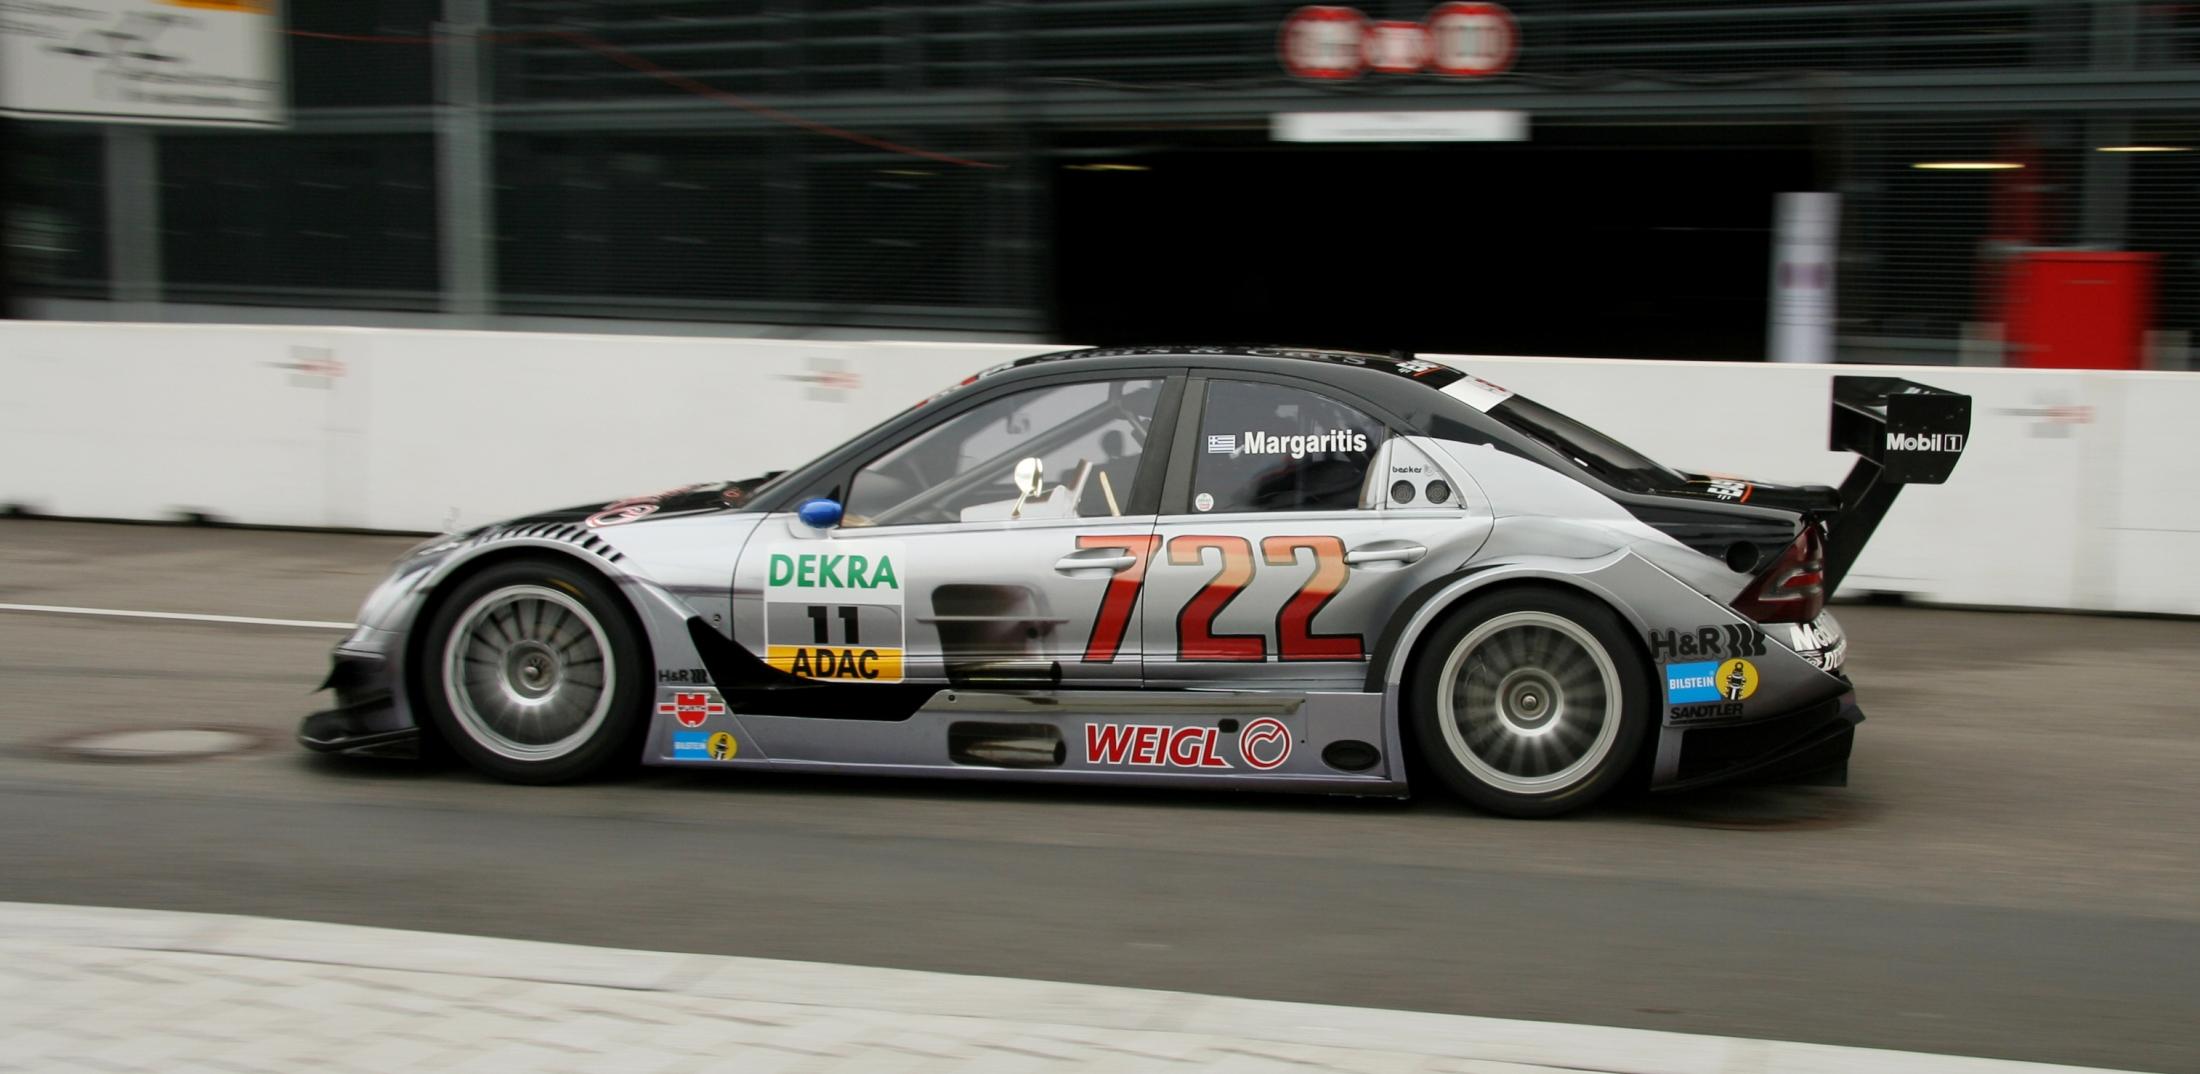 Mercedes Benz Dtm Race Car For Sale